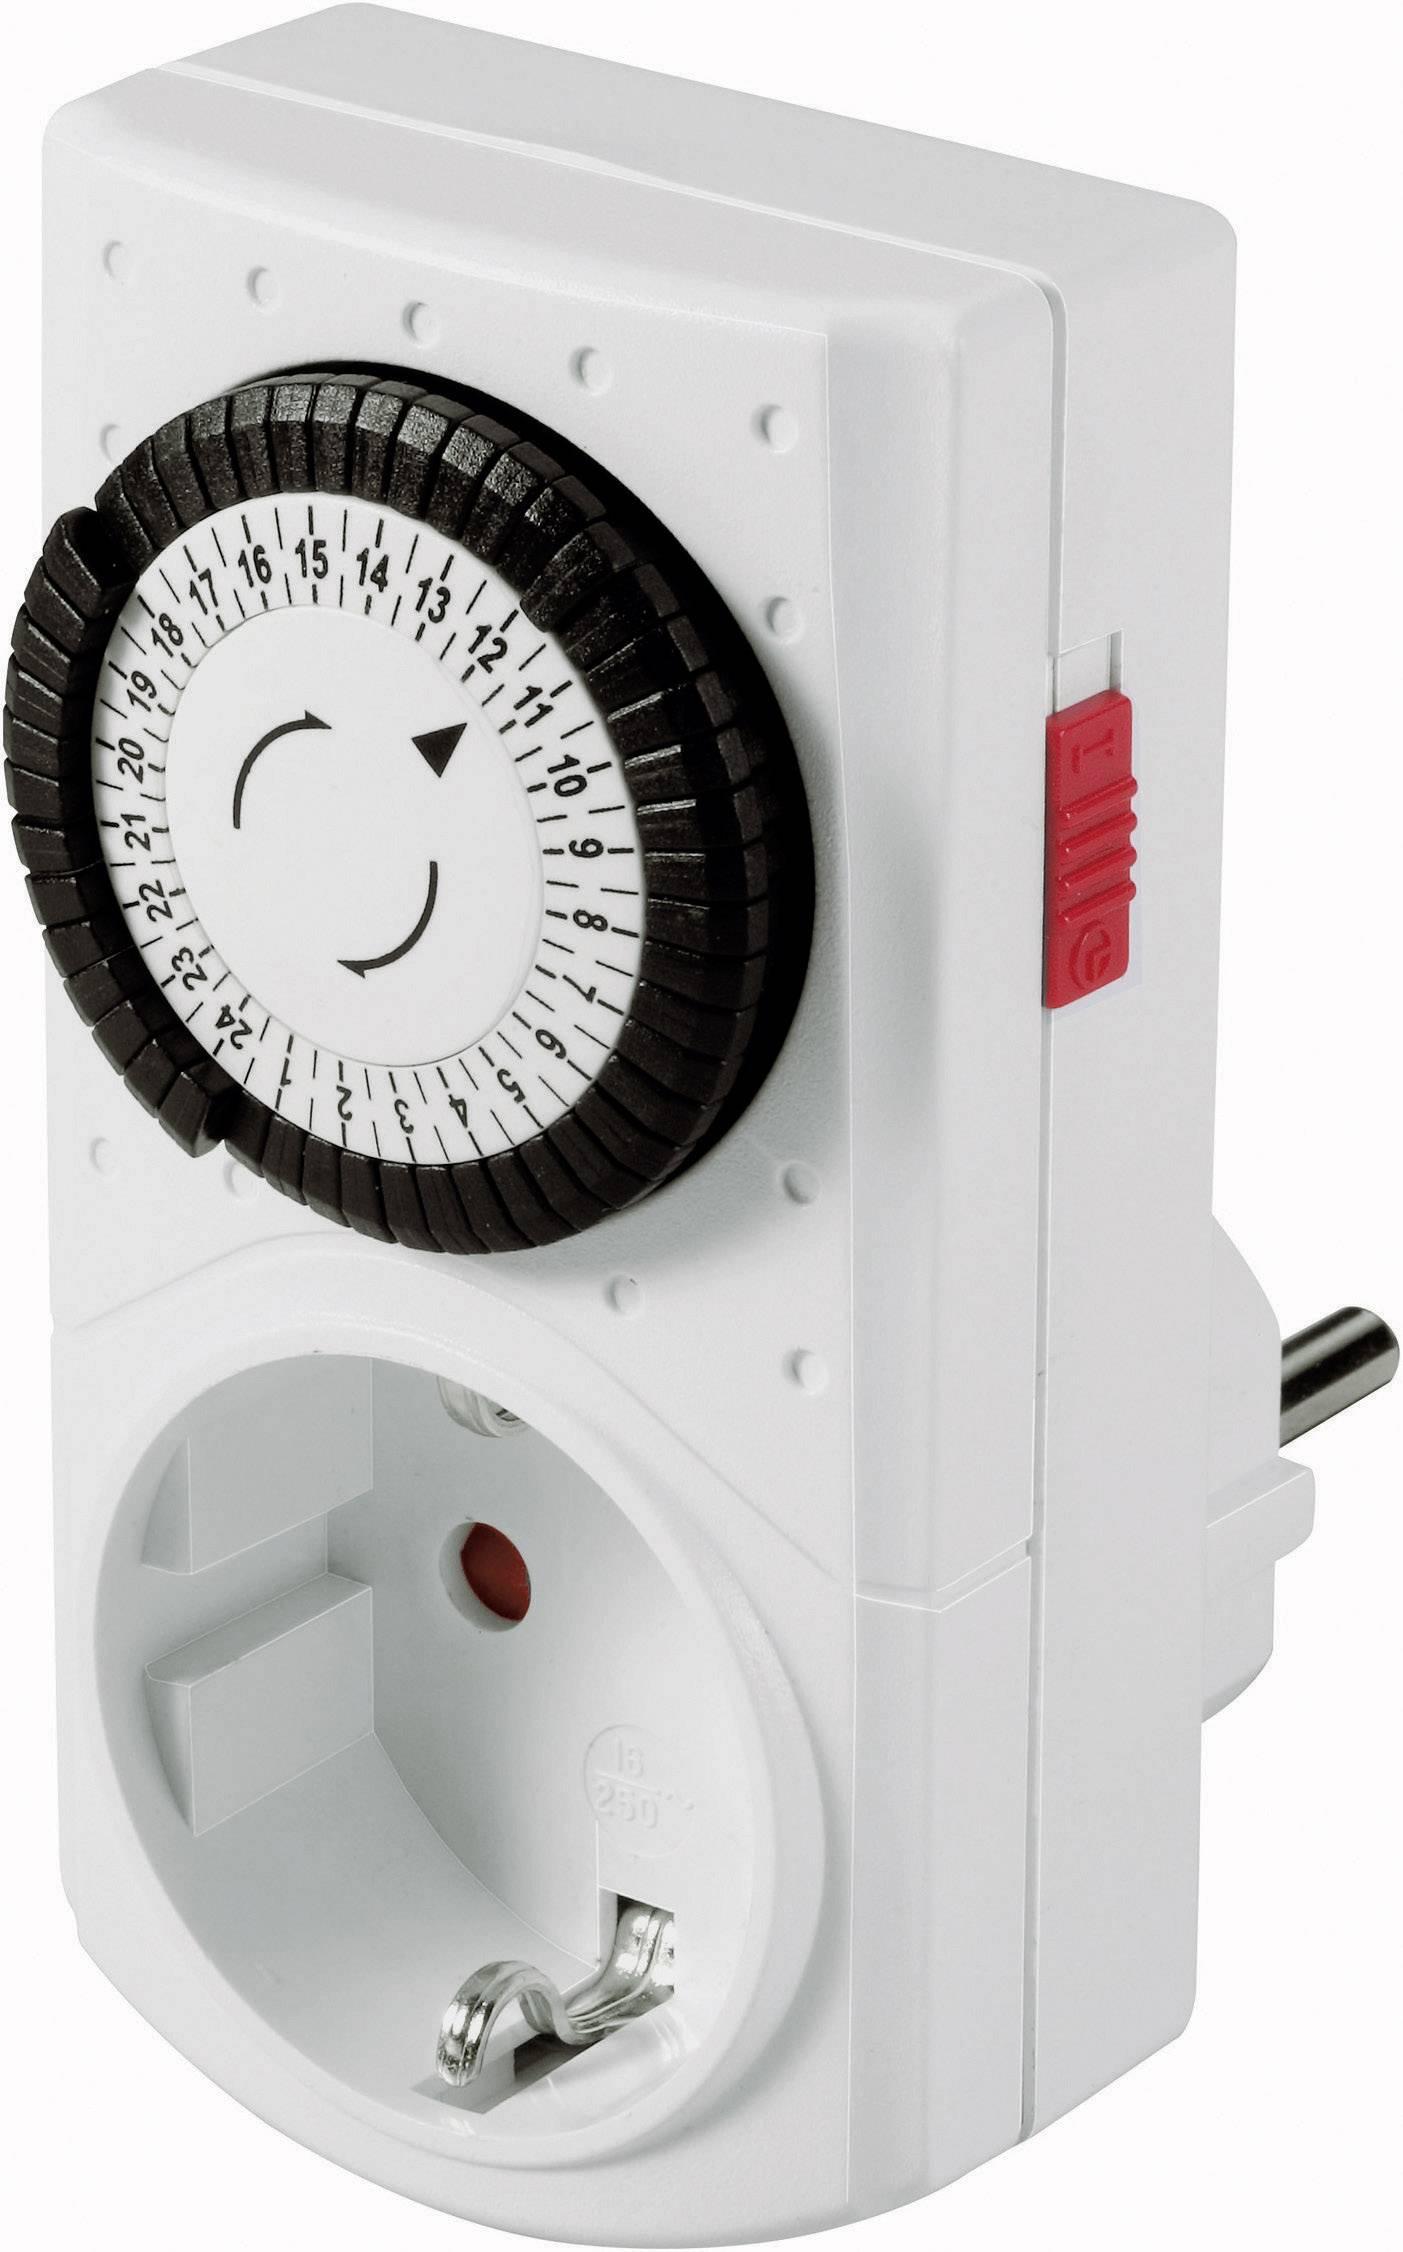 Mini spínací zásuvka s časovačem GAO, 0760, 3680 W, IP20, analogová, denní